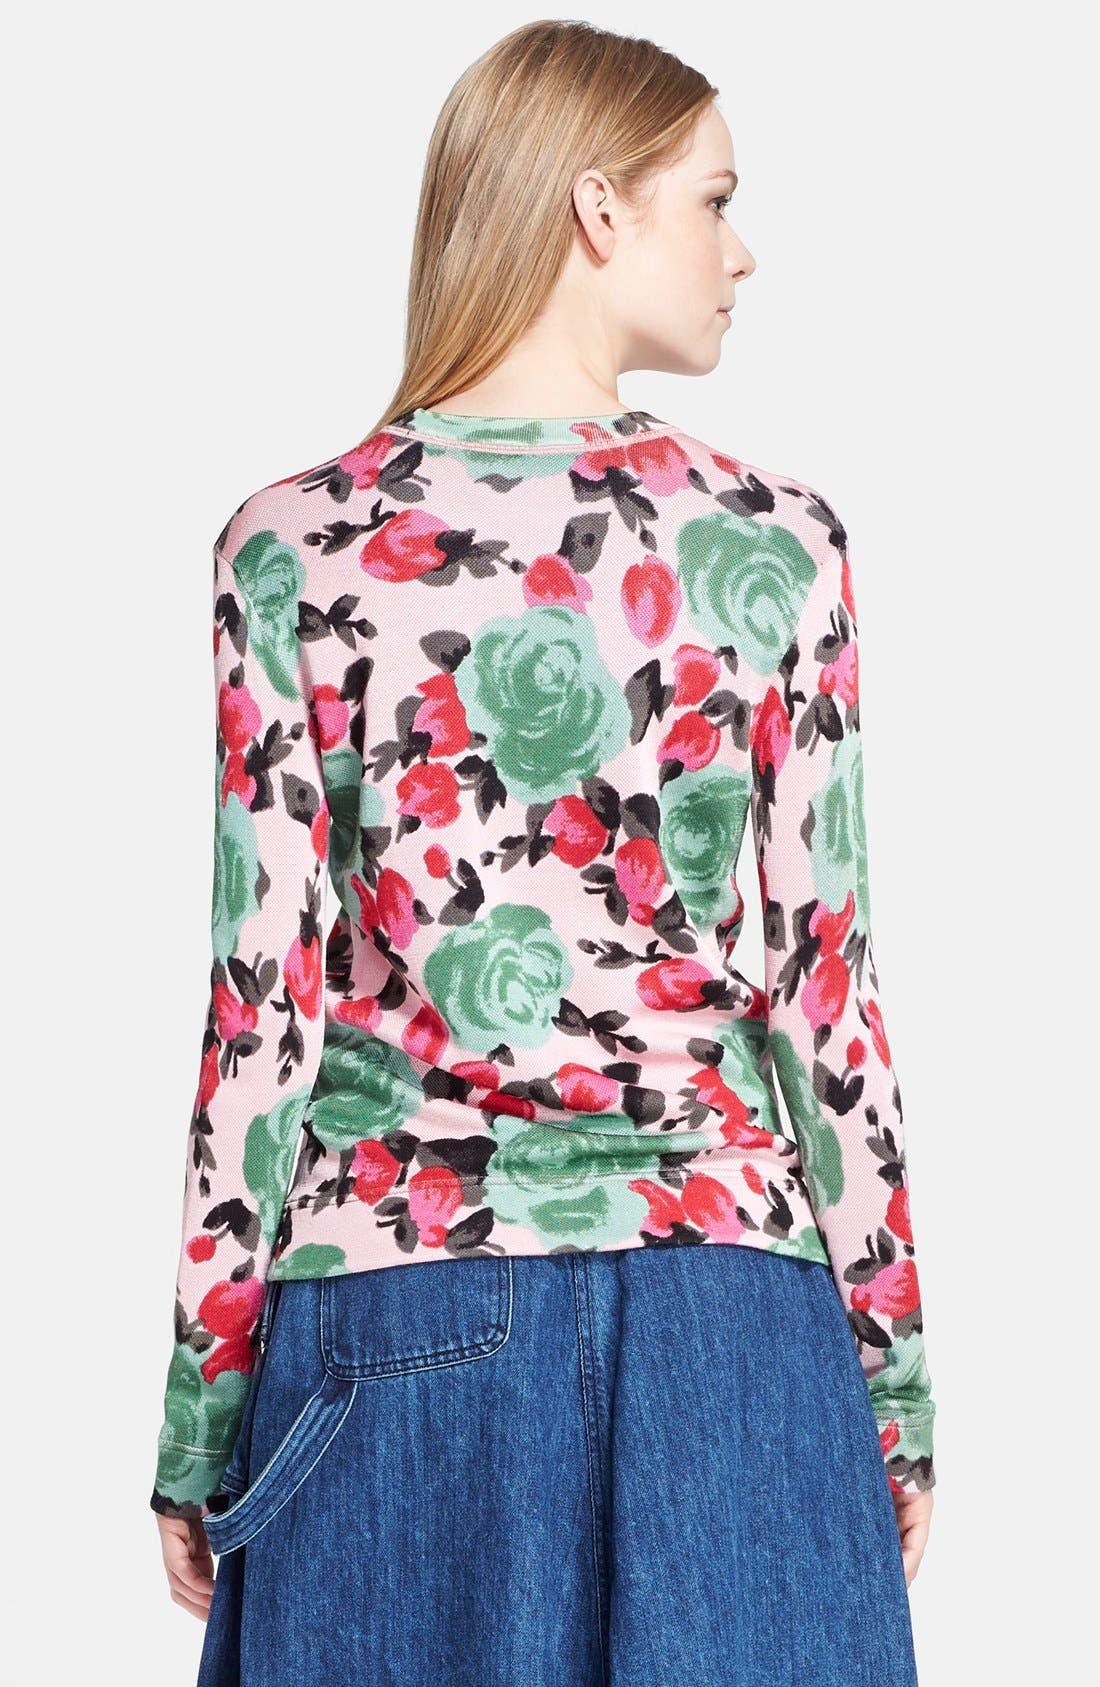 MARC BY MARC JACOBS, 'Jerrie Rose' Floral Print Crewneck Sweatshirt, Alternate thumbnail 3, color, 681